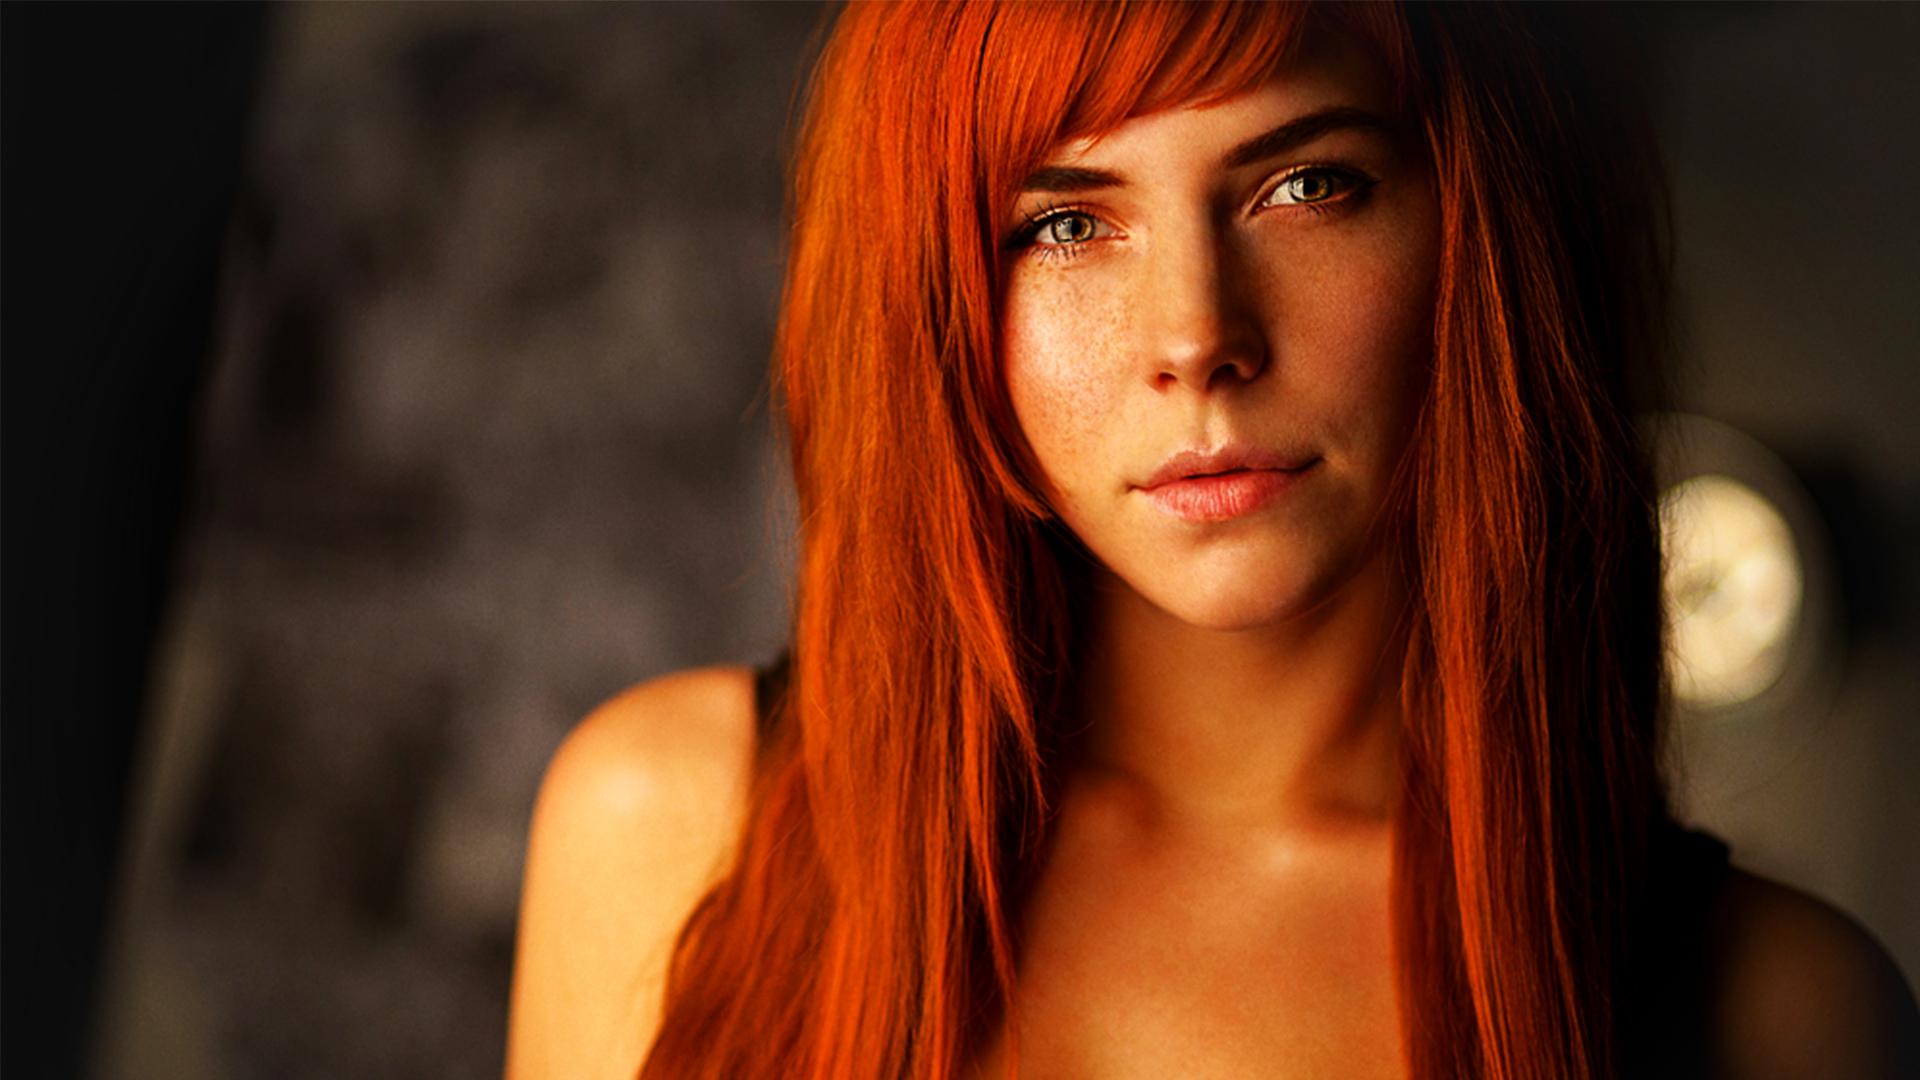 Фото рыжая конопатая девушка 10 фотография